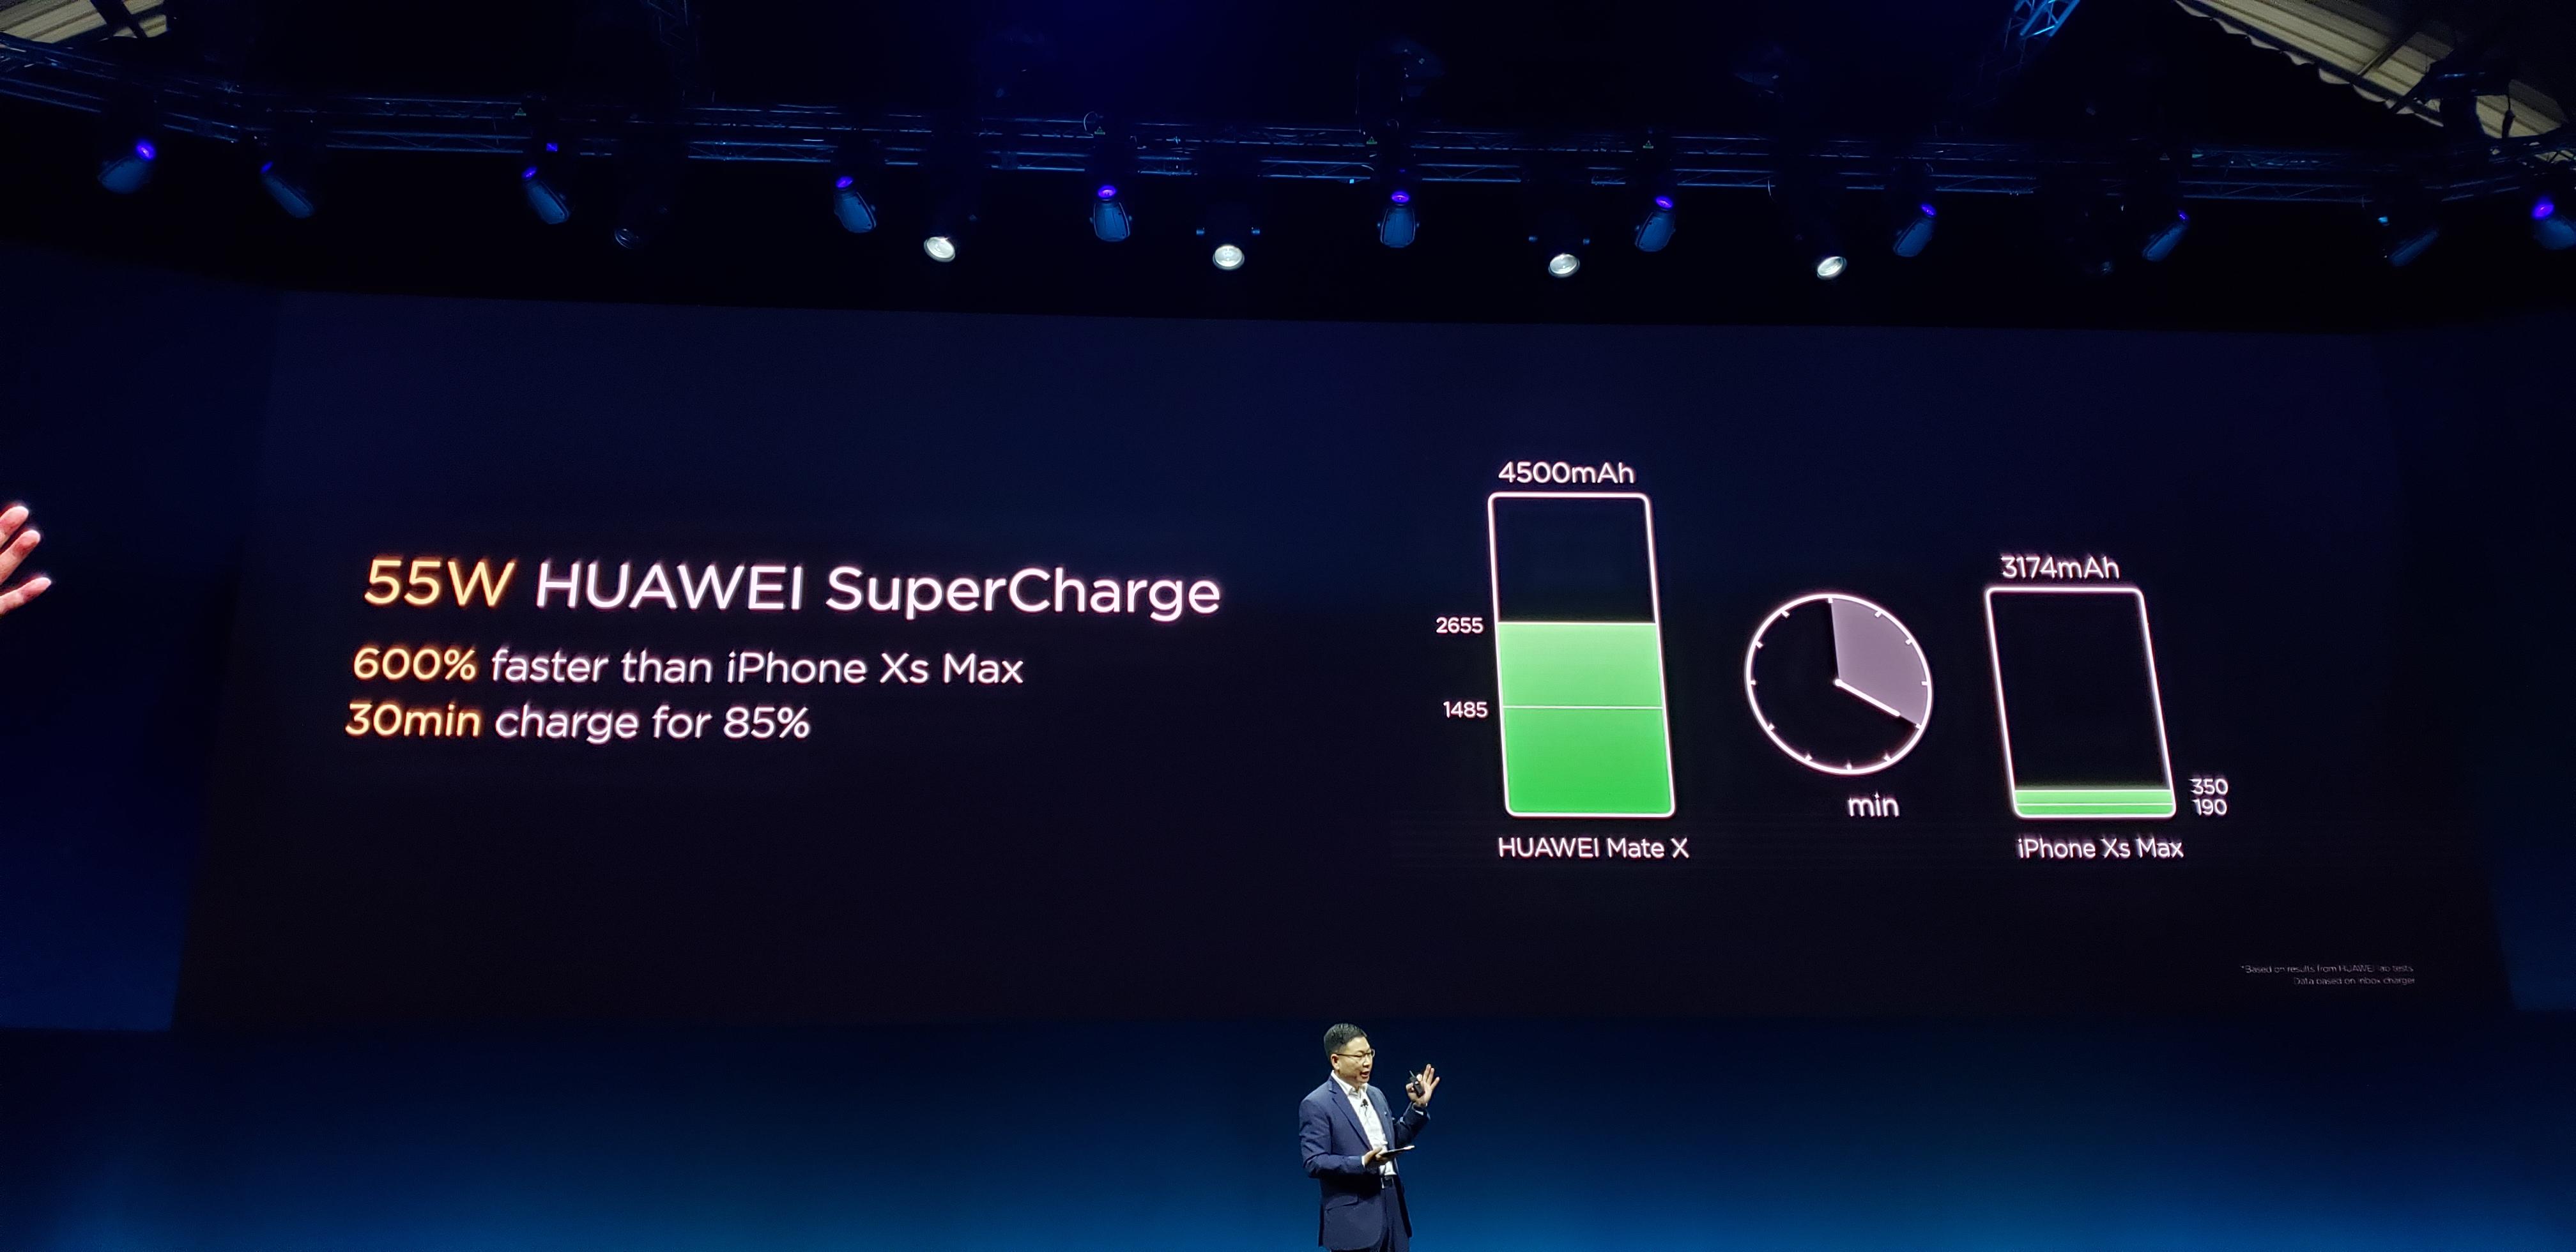 Huawei MATE X incarcare rapida 55W